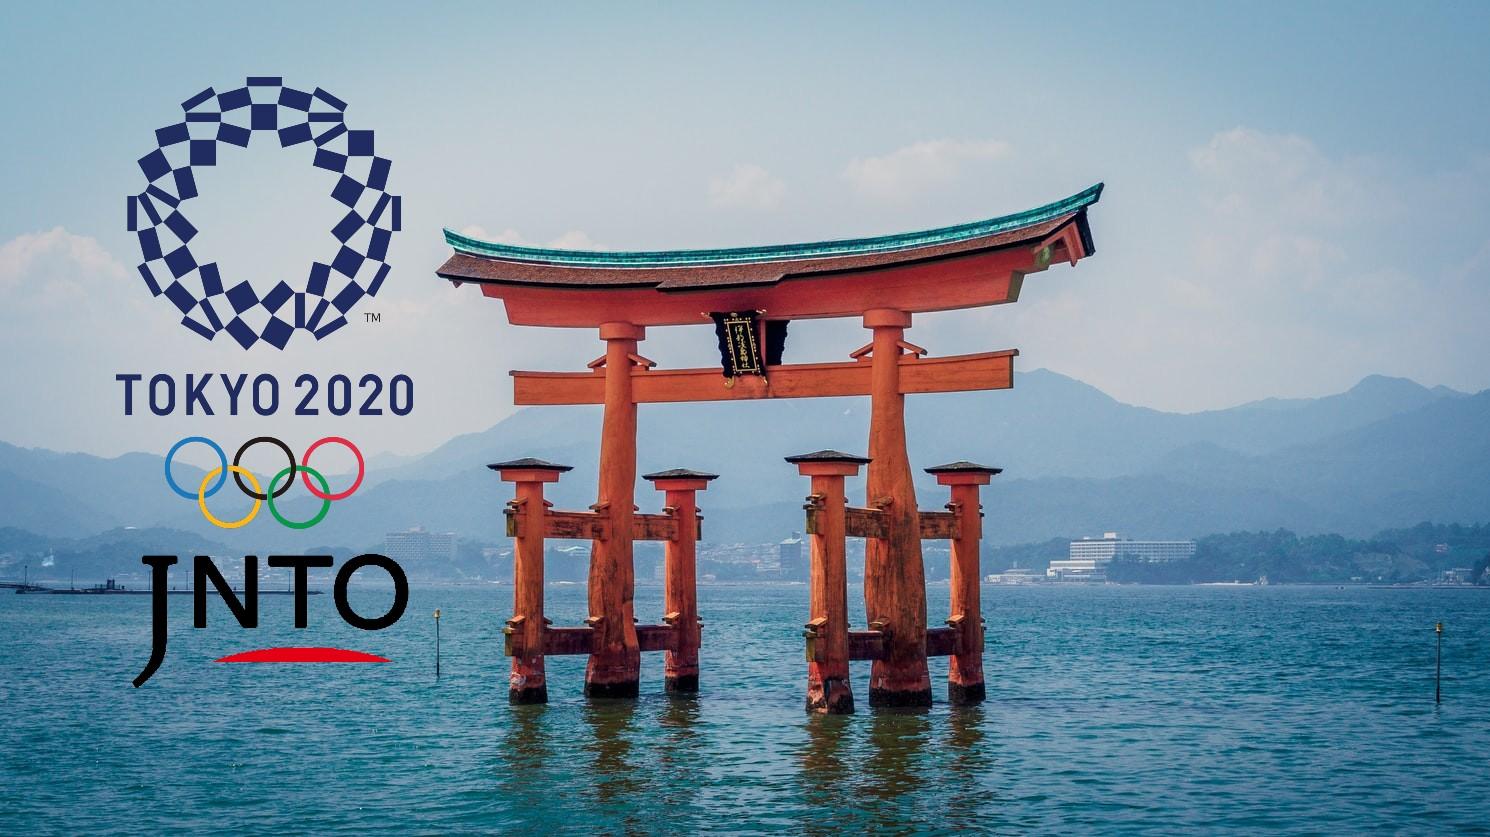 pagoda en el agua, logos de JNTO y Tokio 2020, Japón